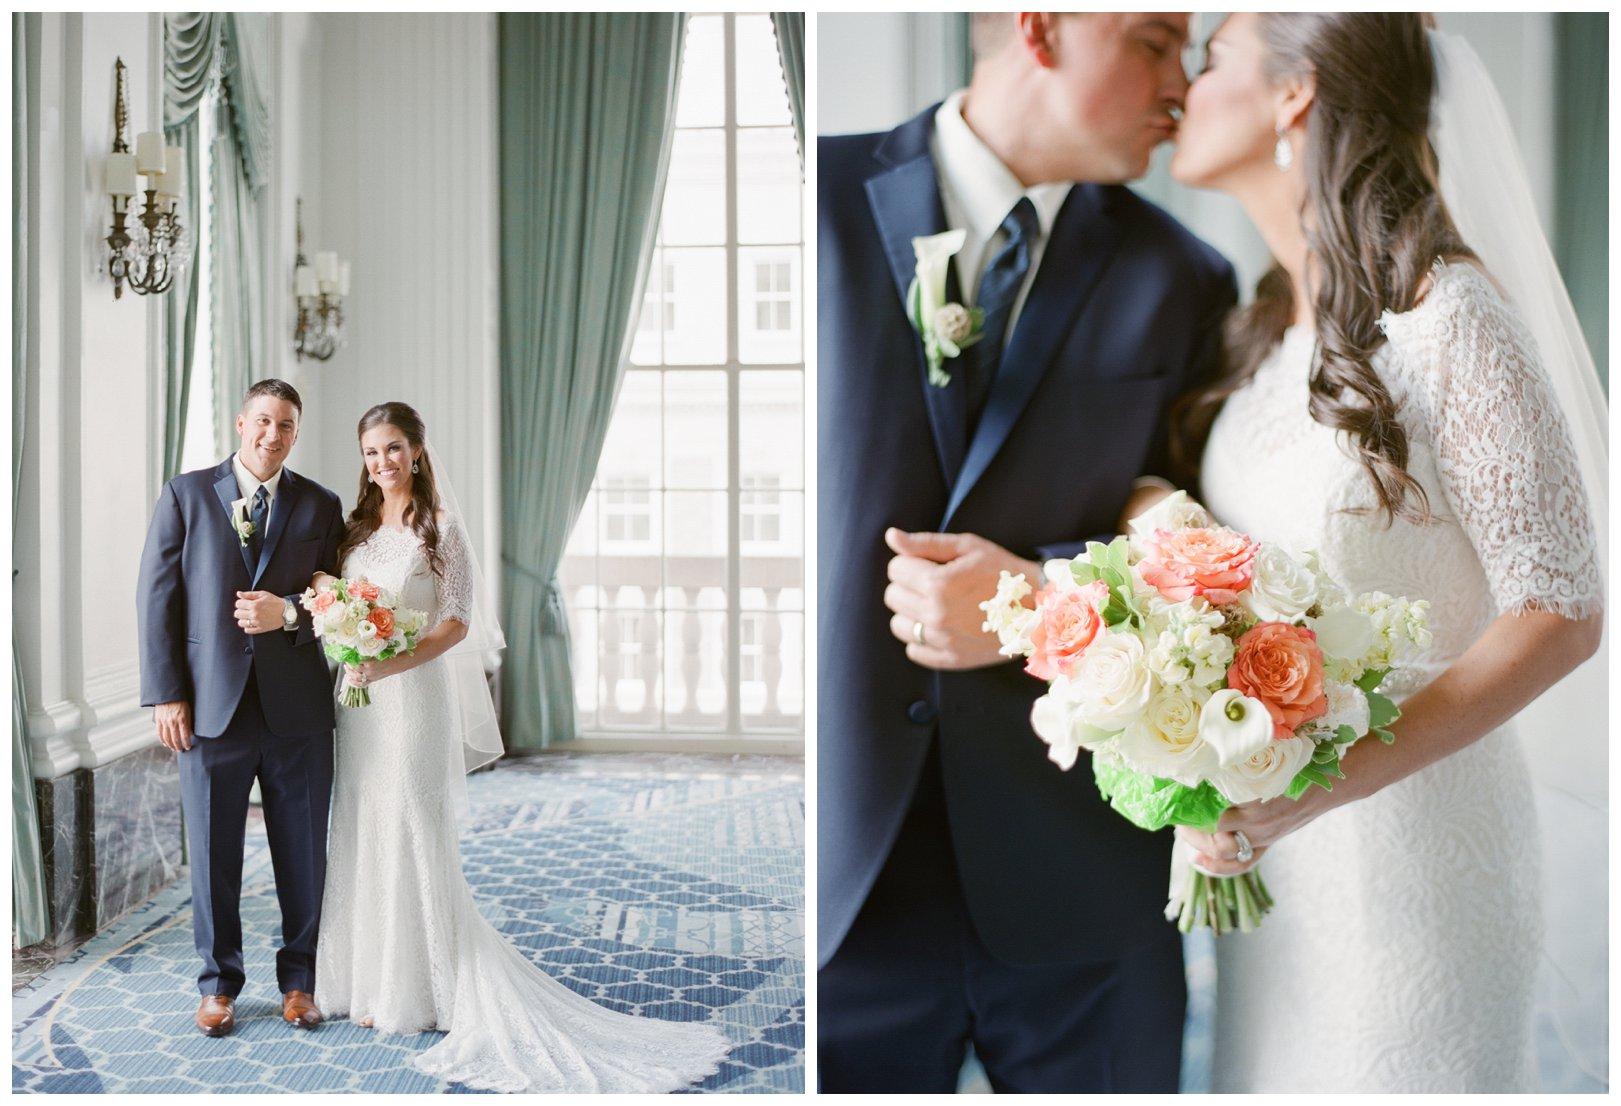 lauren muckler photography_fine art film wedding photography_st louis_photography_1248.jpg